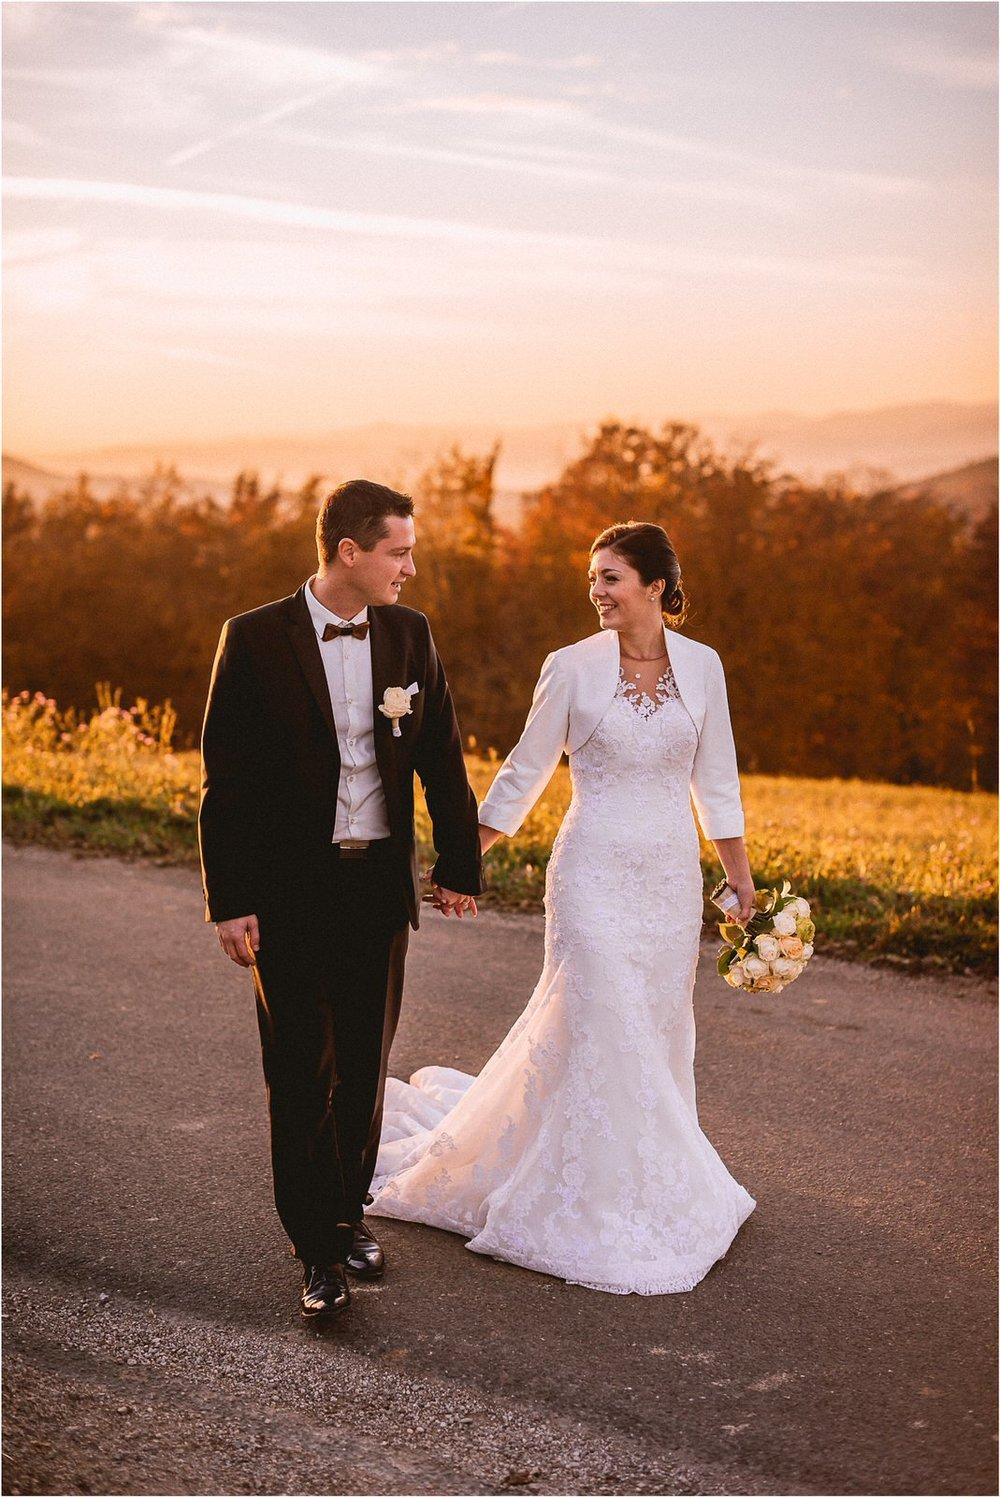 05 slovenija bled poroka ljubljana maribor brdo pri kranji nika grega porocni fotograf fotografiranje narava zaroka zaobljuba 015.jpg